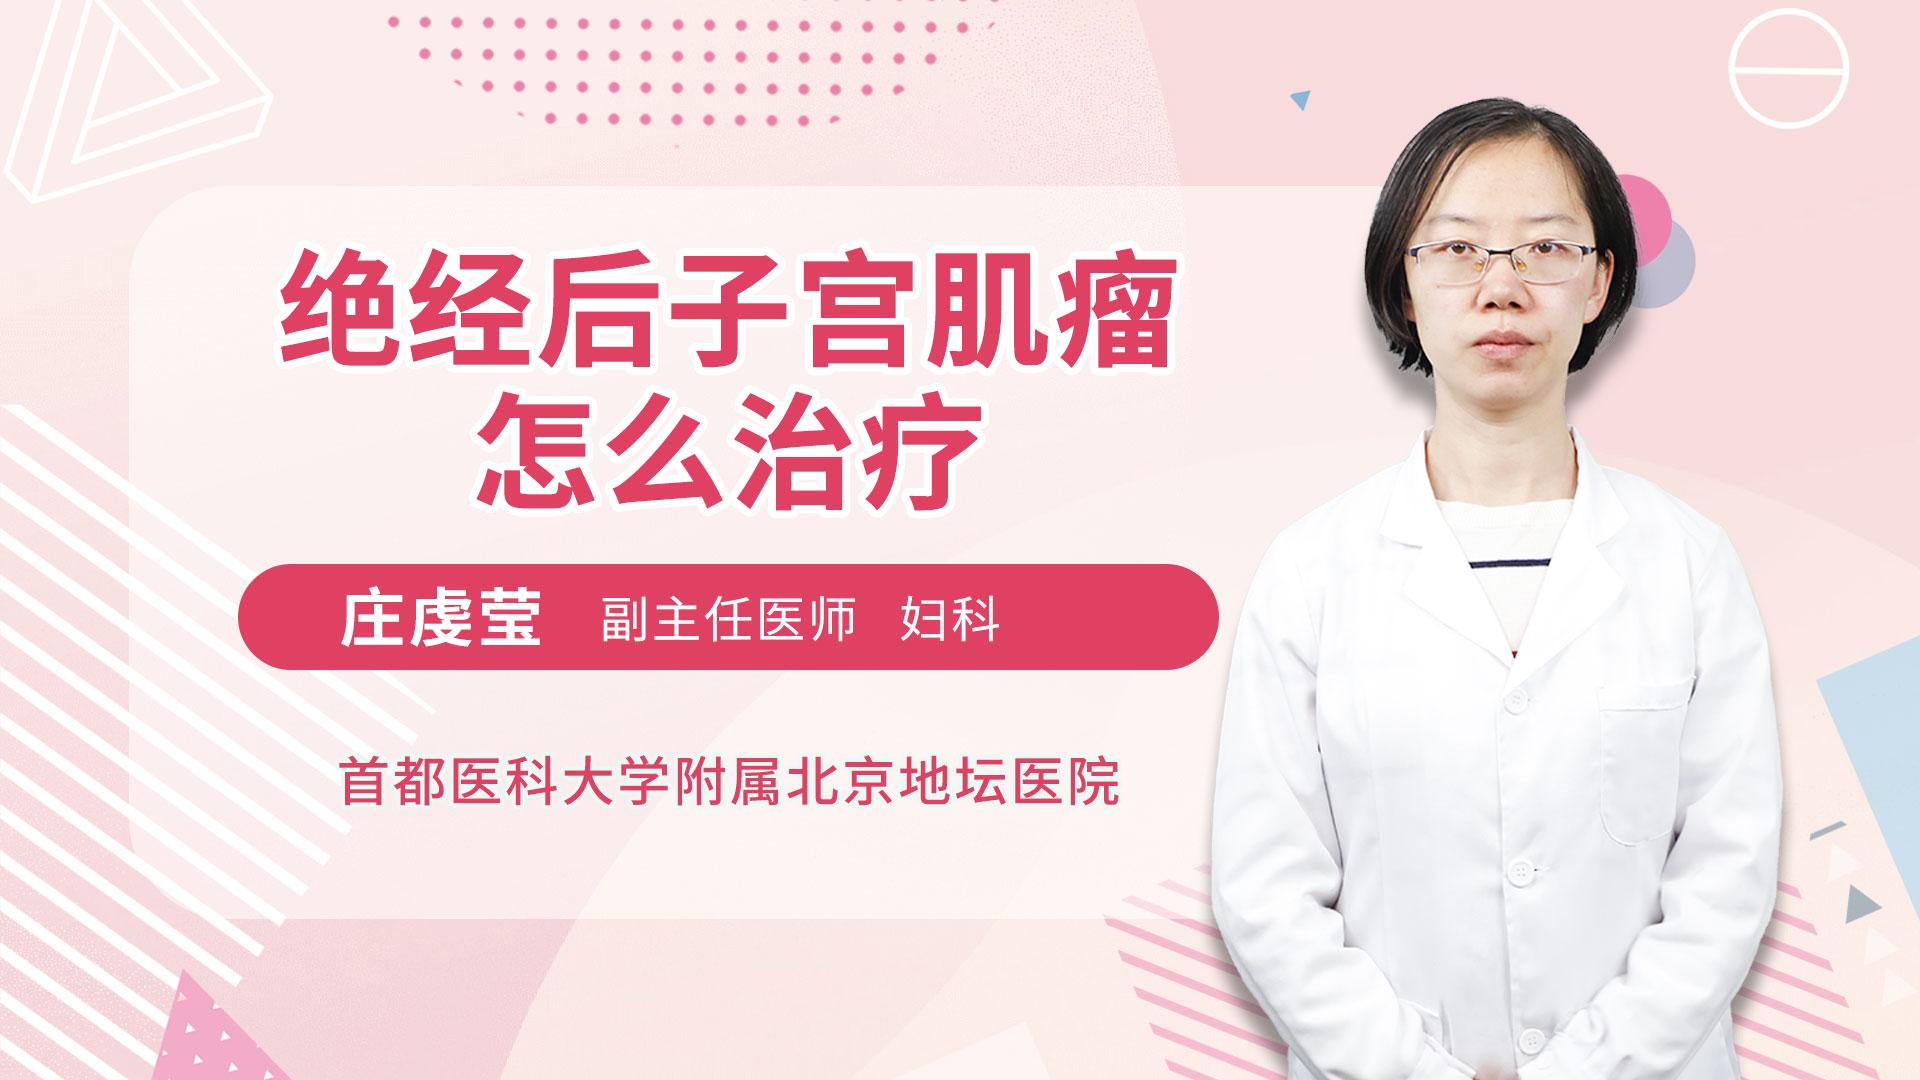 绝经后子宫肌瘤怎么治疗